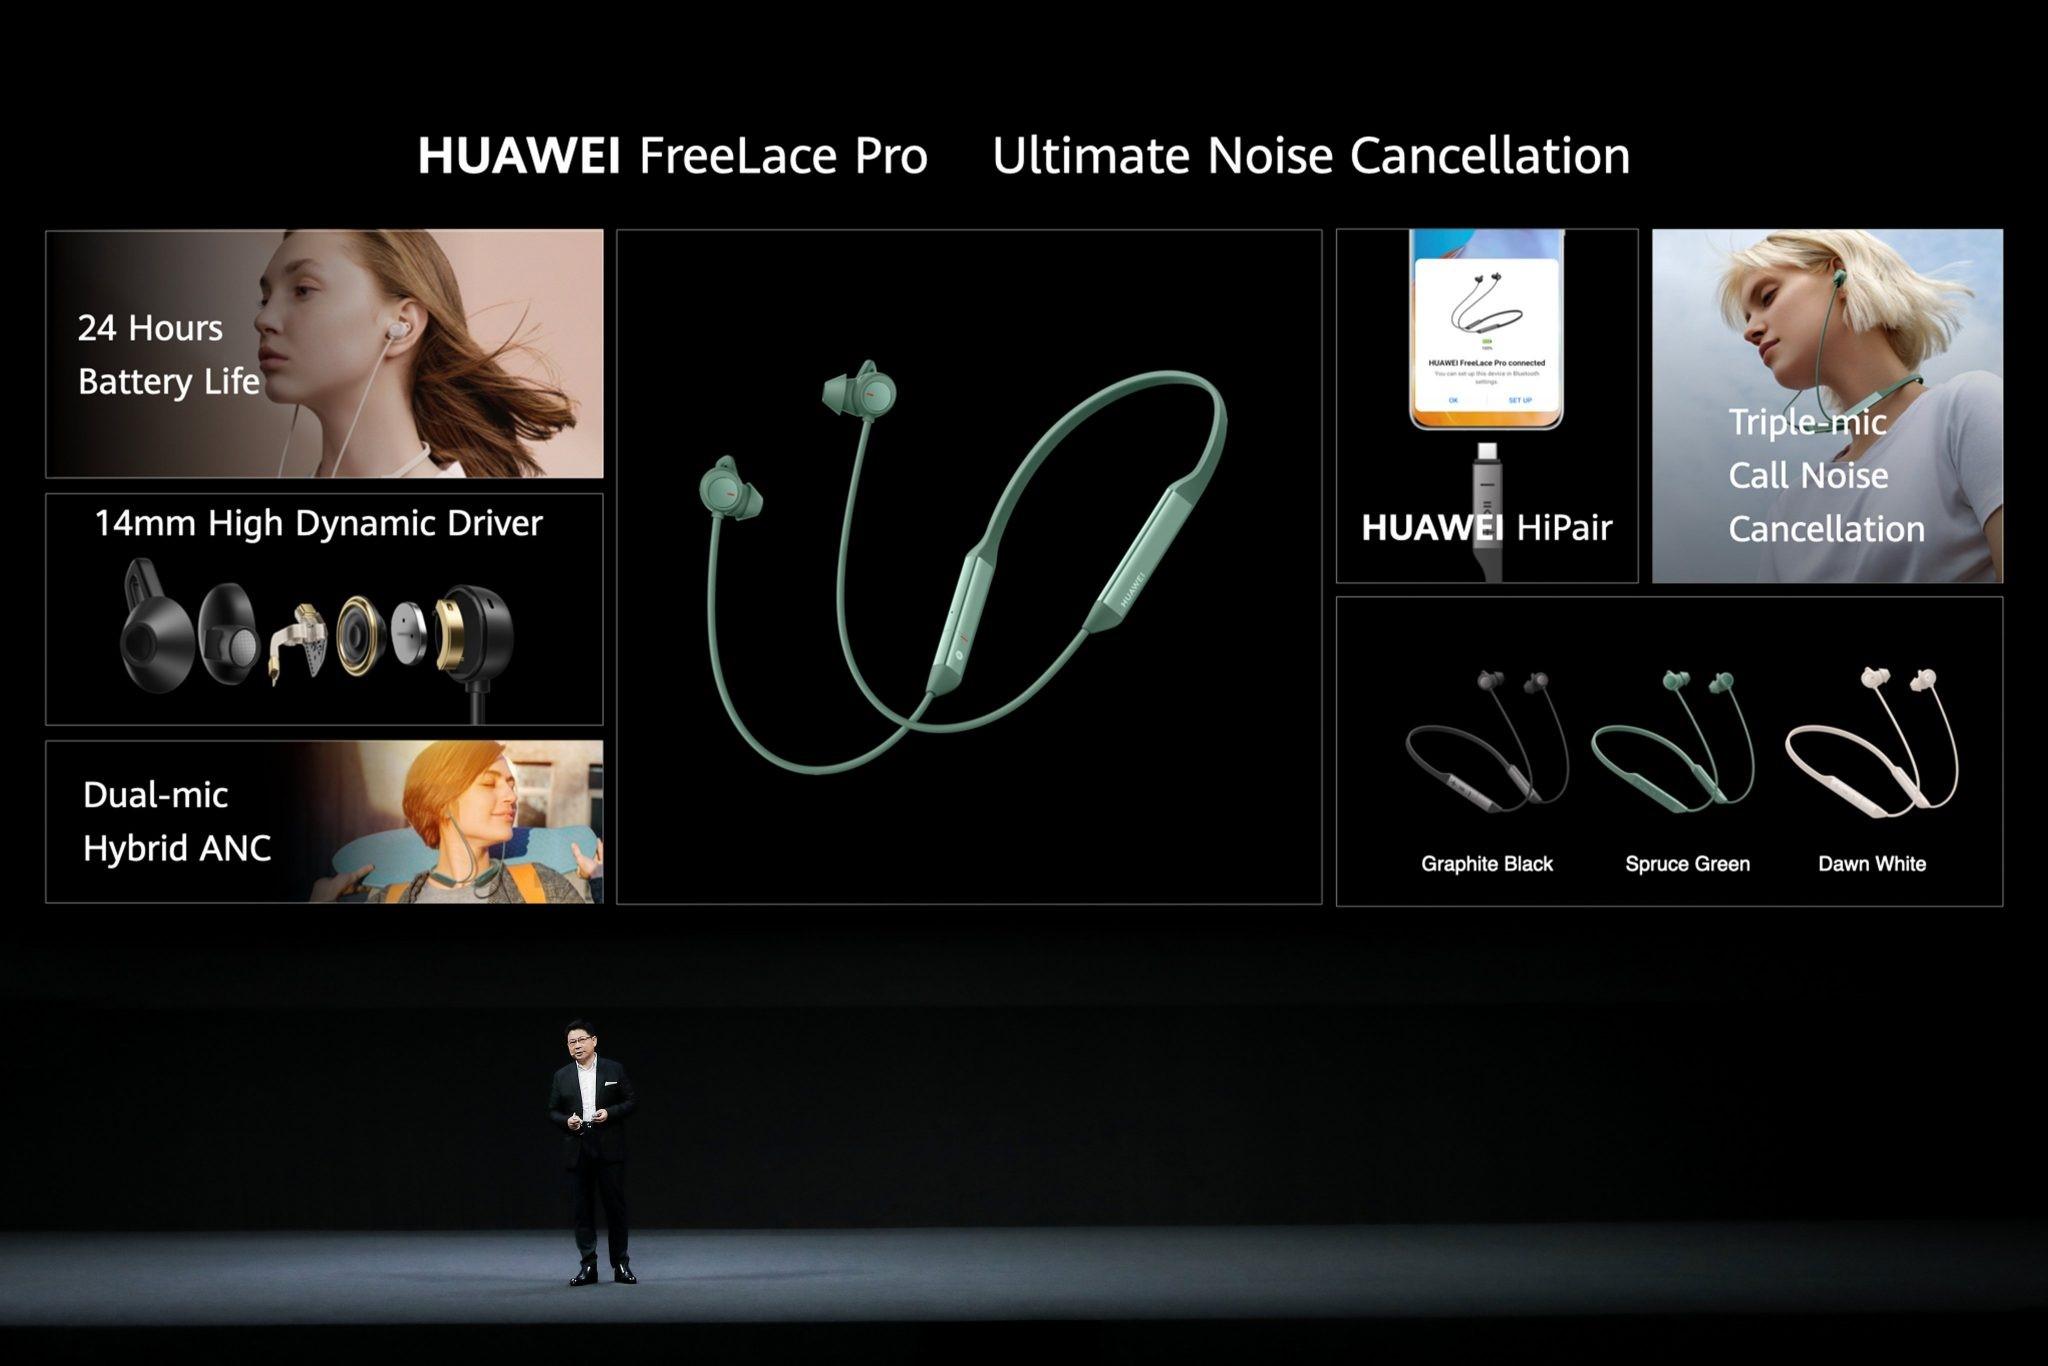 رونمایی هوآوی از محصولات جدید